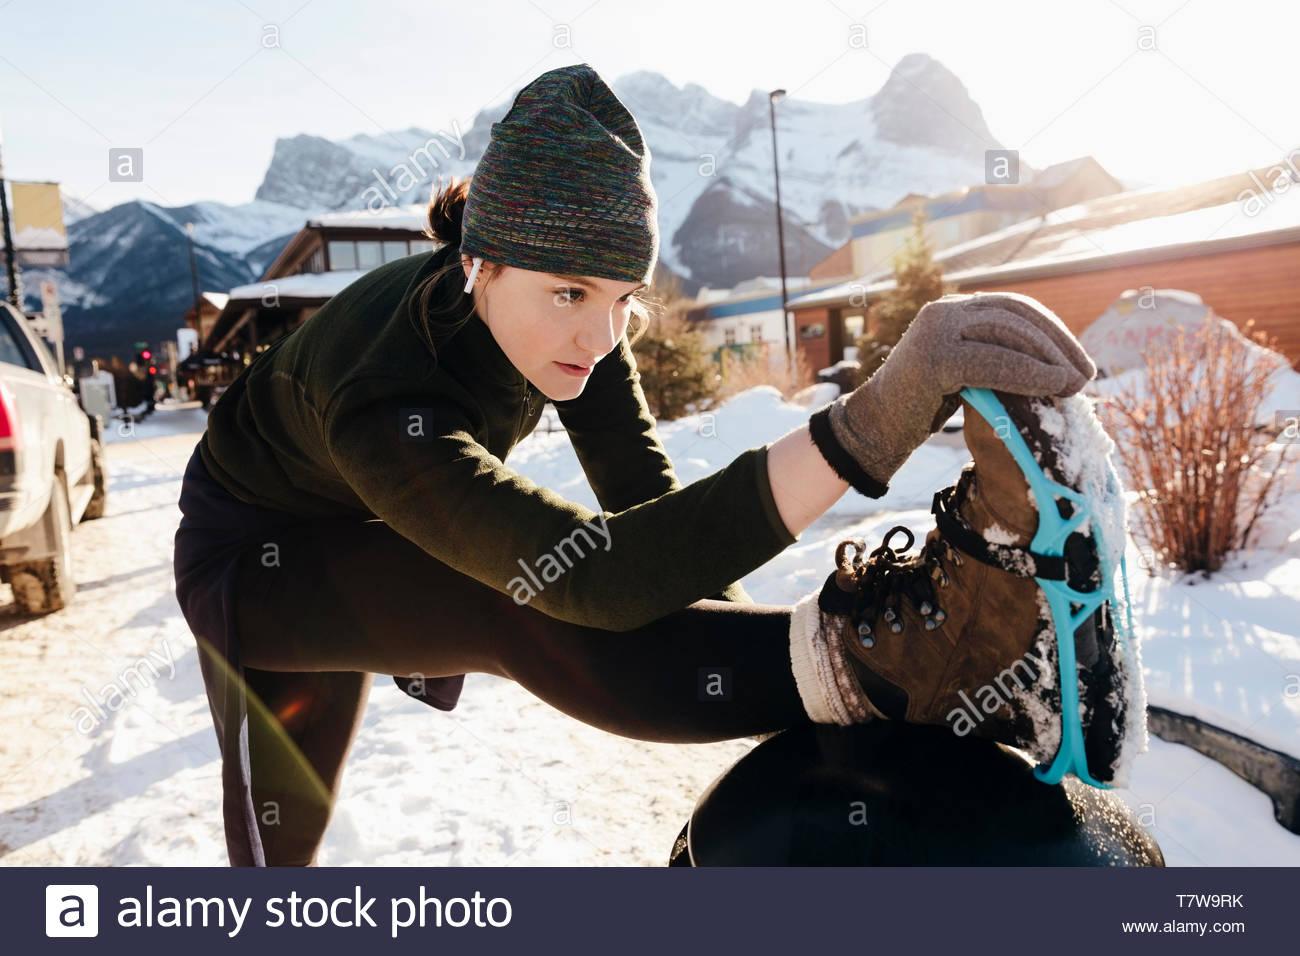 Centrado adolescente runner estirando la pierna sobre acera nevados Imagen De Stock